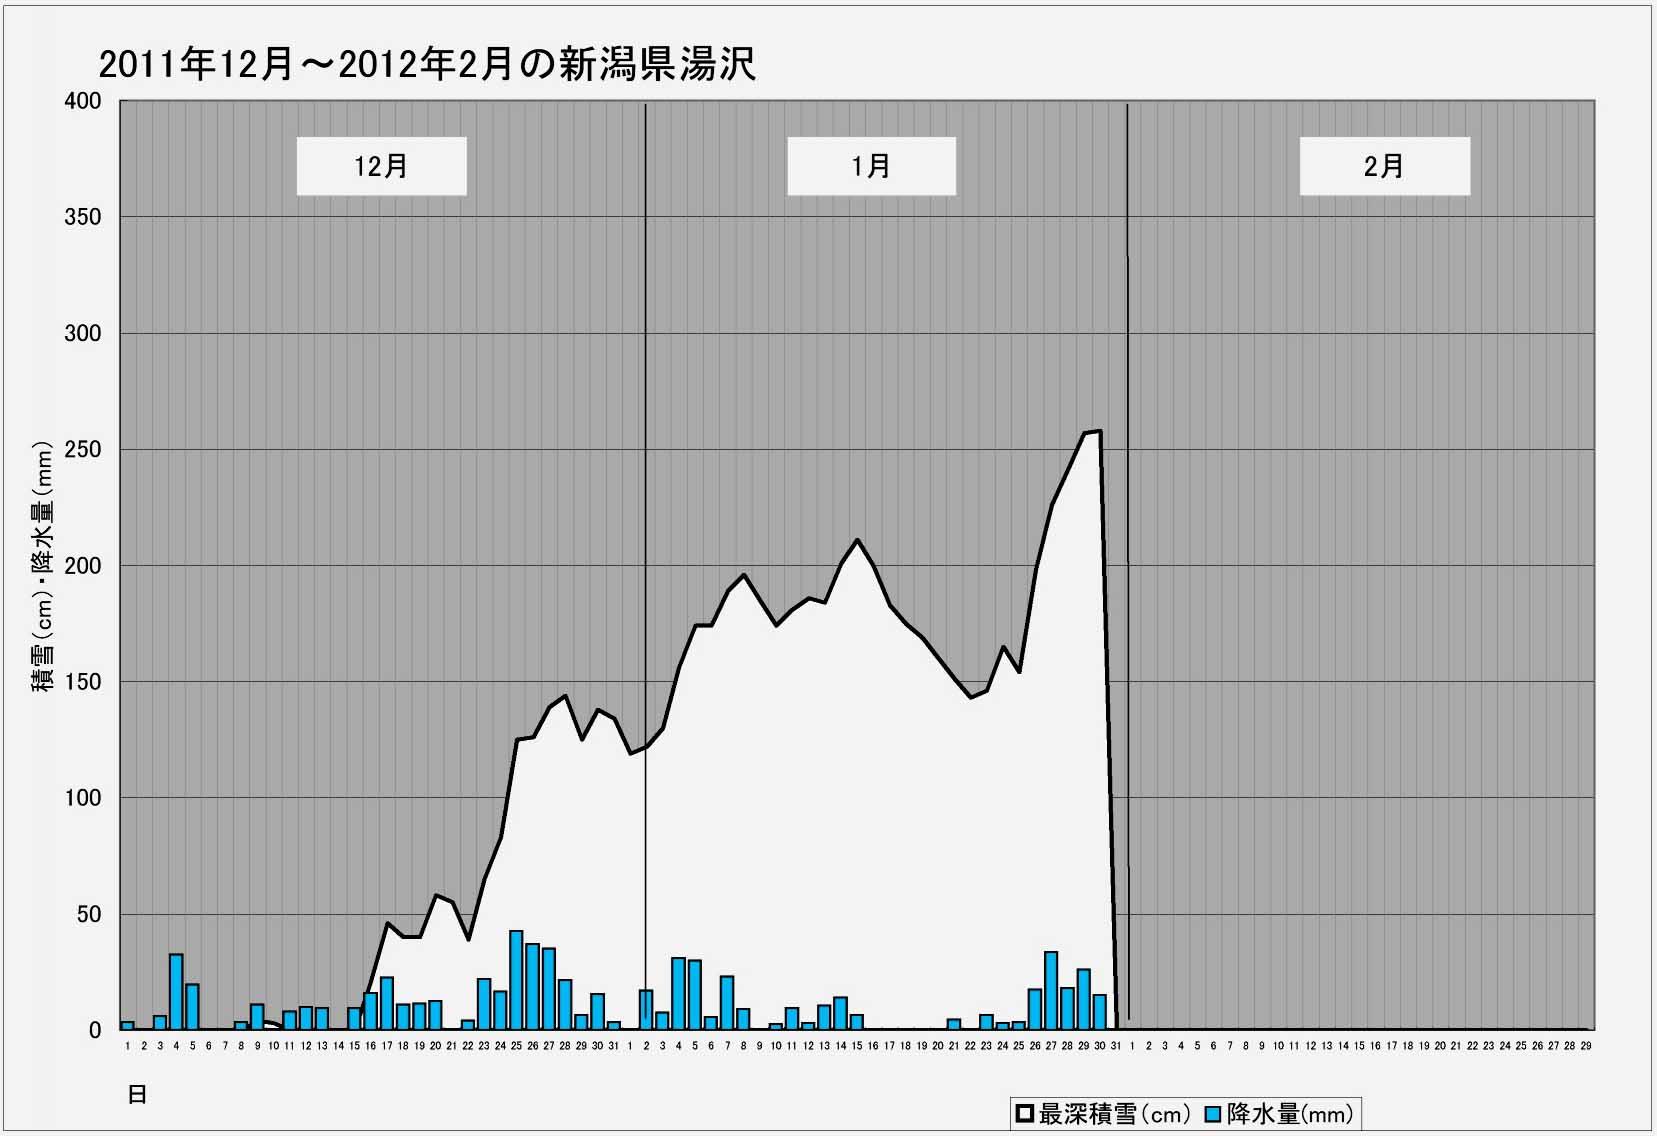 ブログ用 2011年~2012年の湯沢積雪等